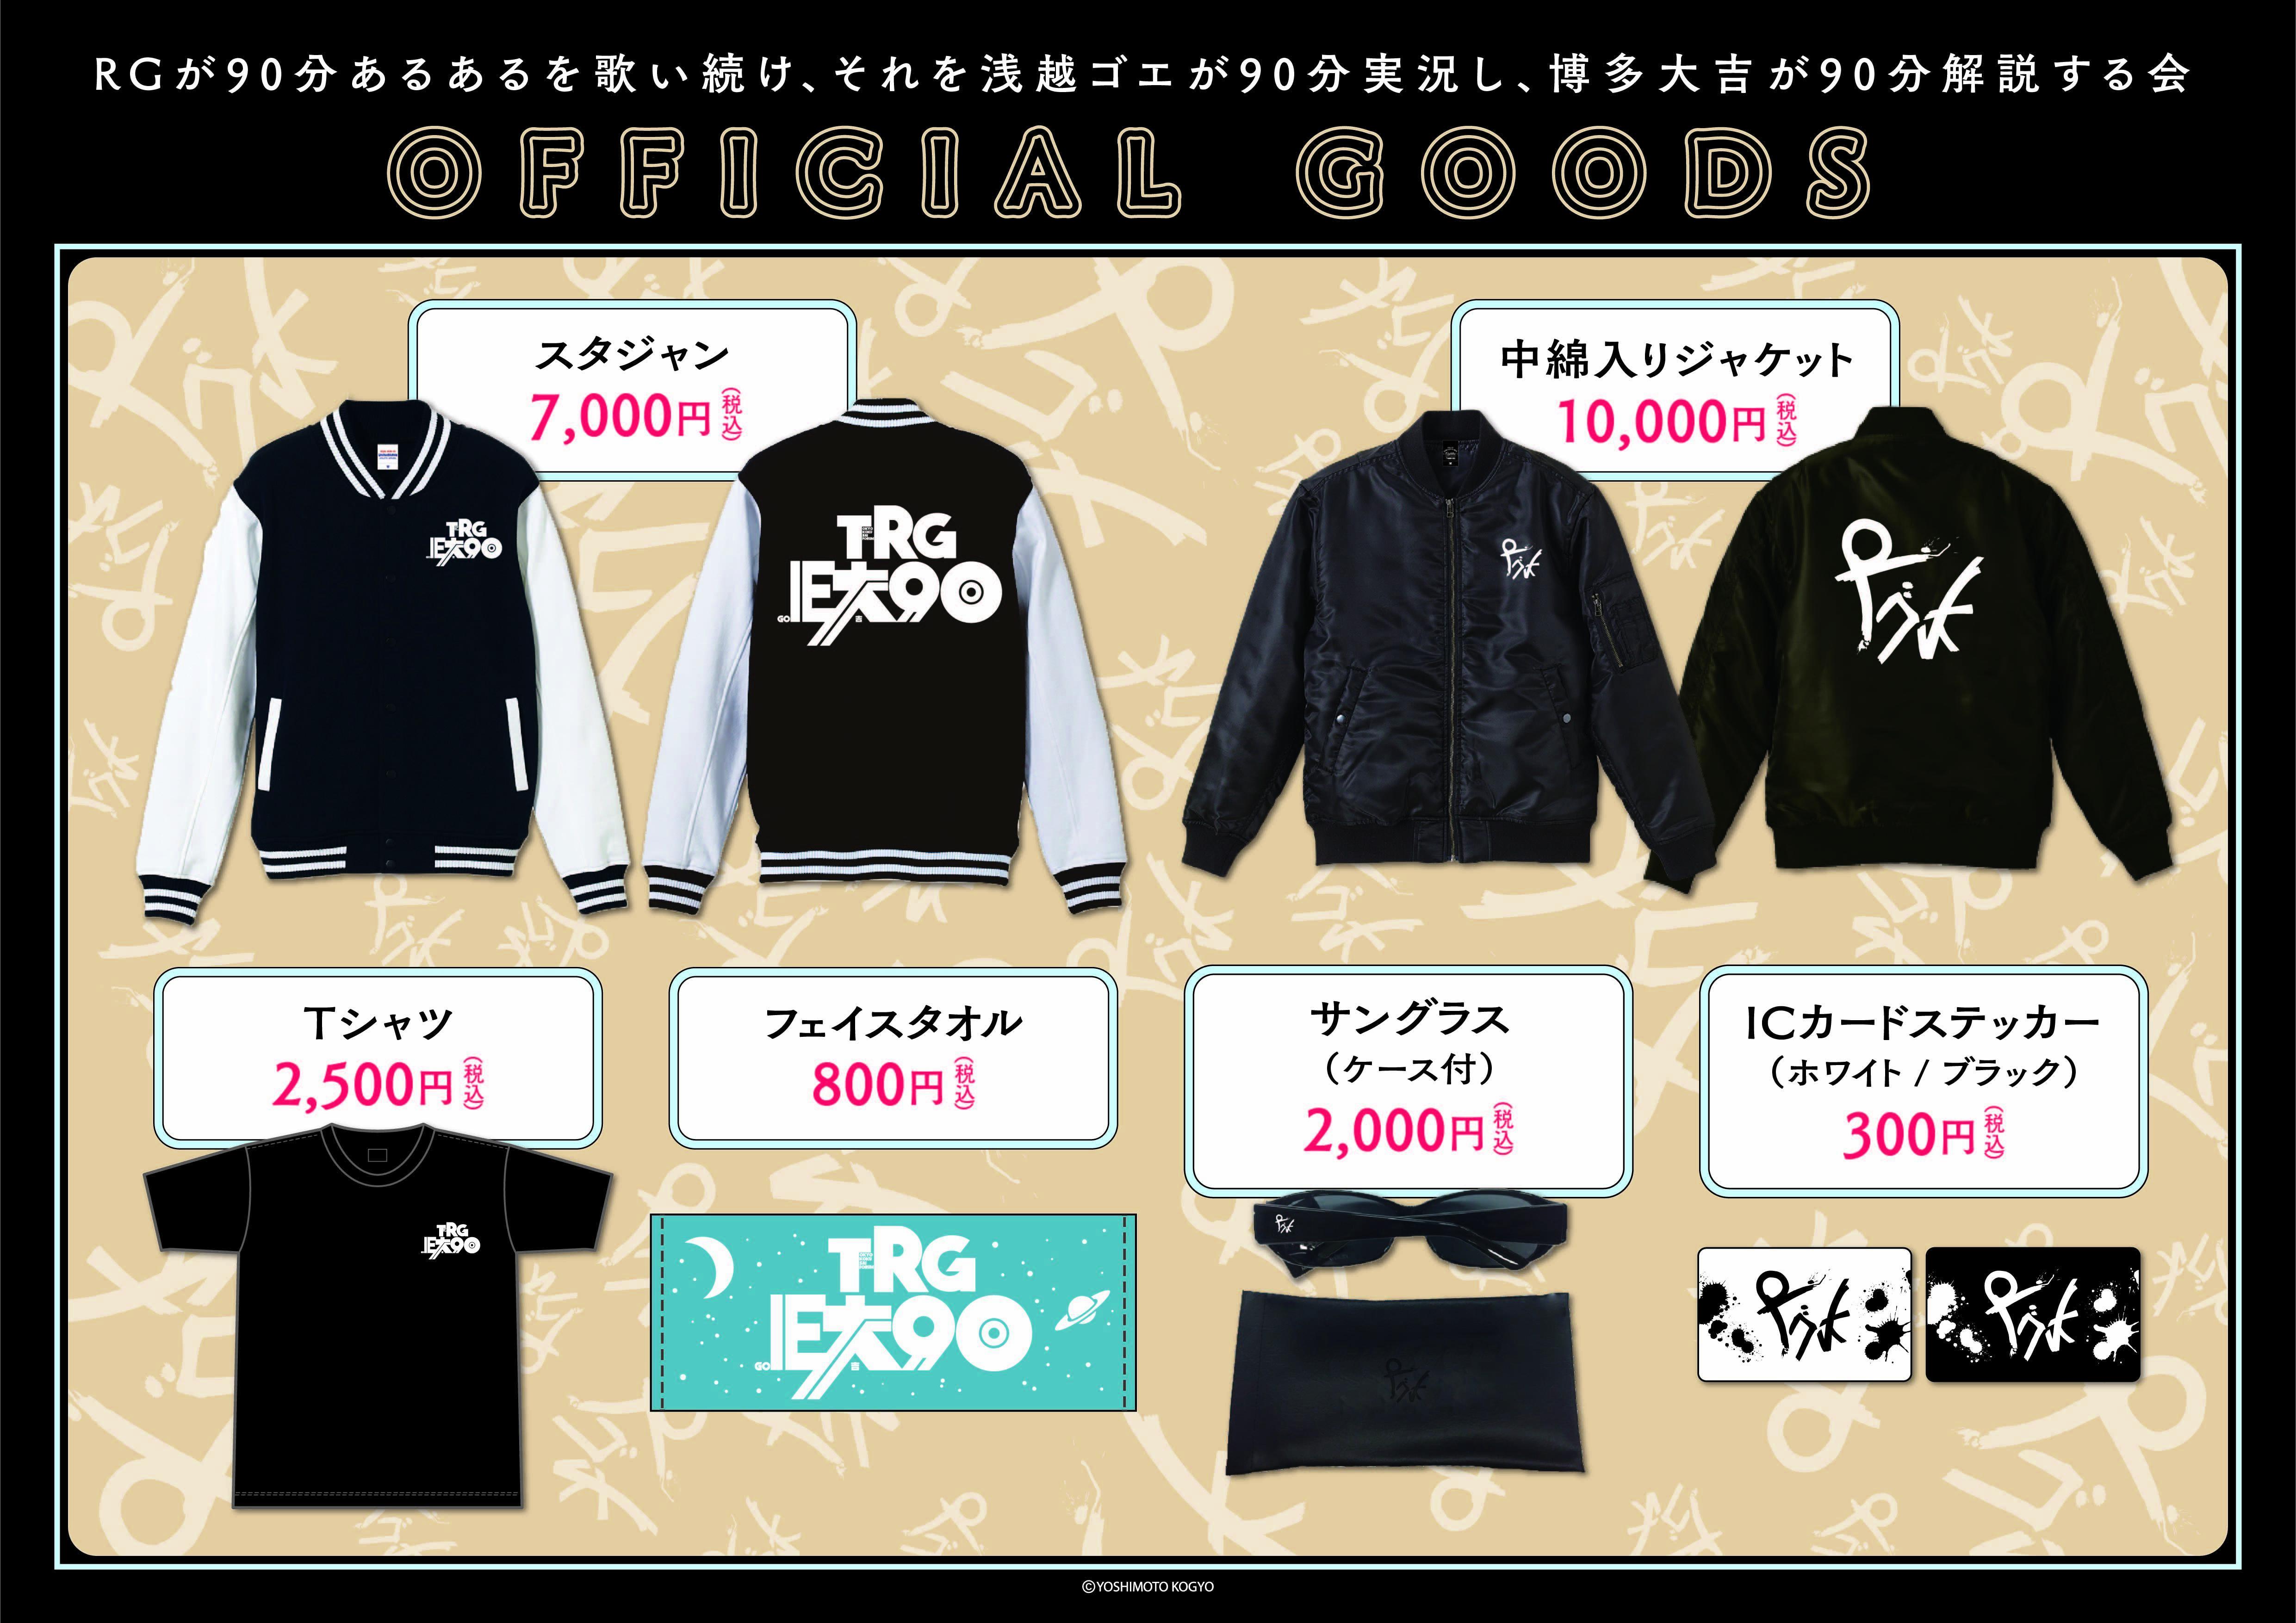 http://news.yoshimoto.co.jp/20171211174207-ca2224d11fabe72eae6e82d54b26183a2322afa9.jpg